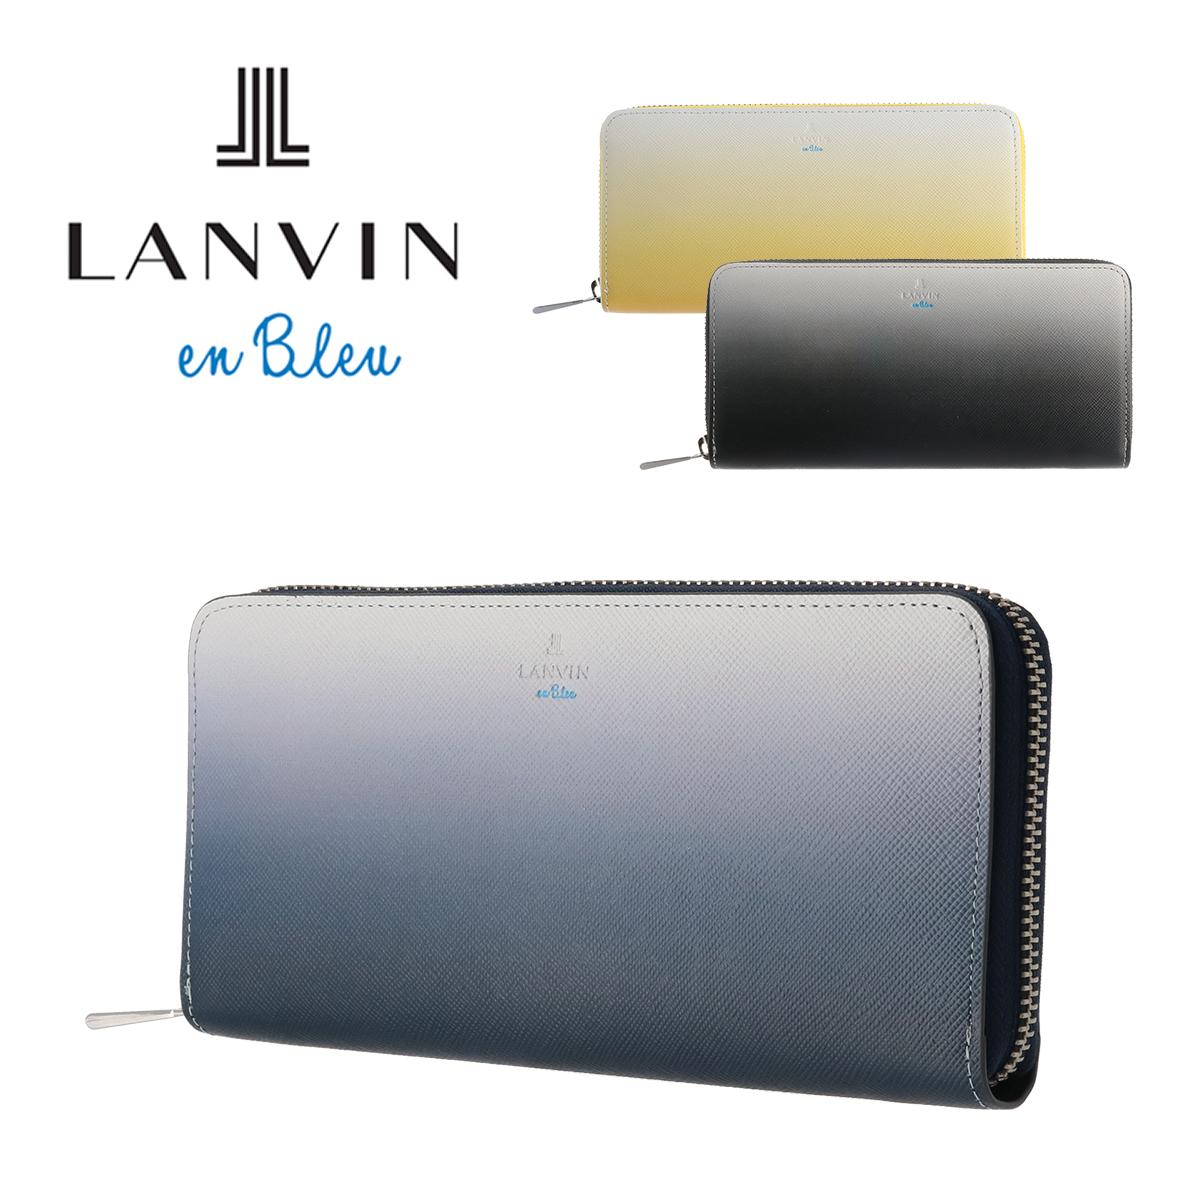 ランバンオンブルー LANVIN en Bleu 長財布 561606 ラウンドファスナー 財布 グラデーション メンズ レザー 本革 [bef][PO10][即日発送]